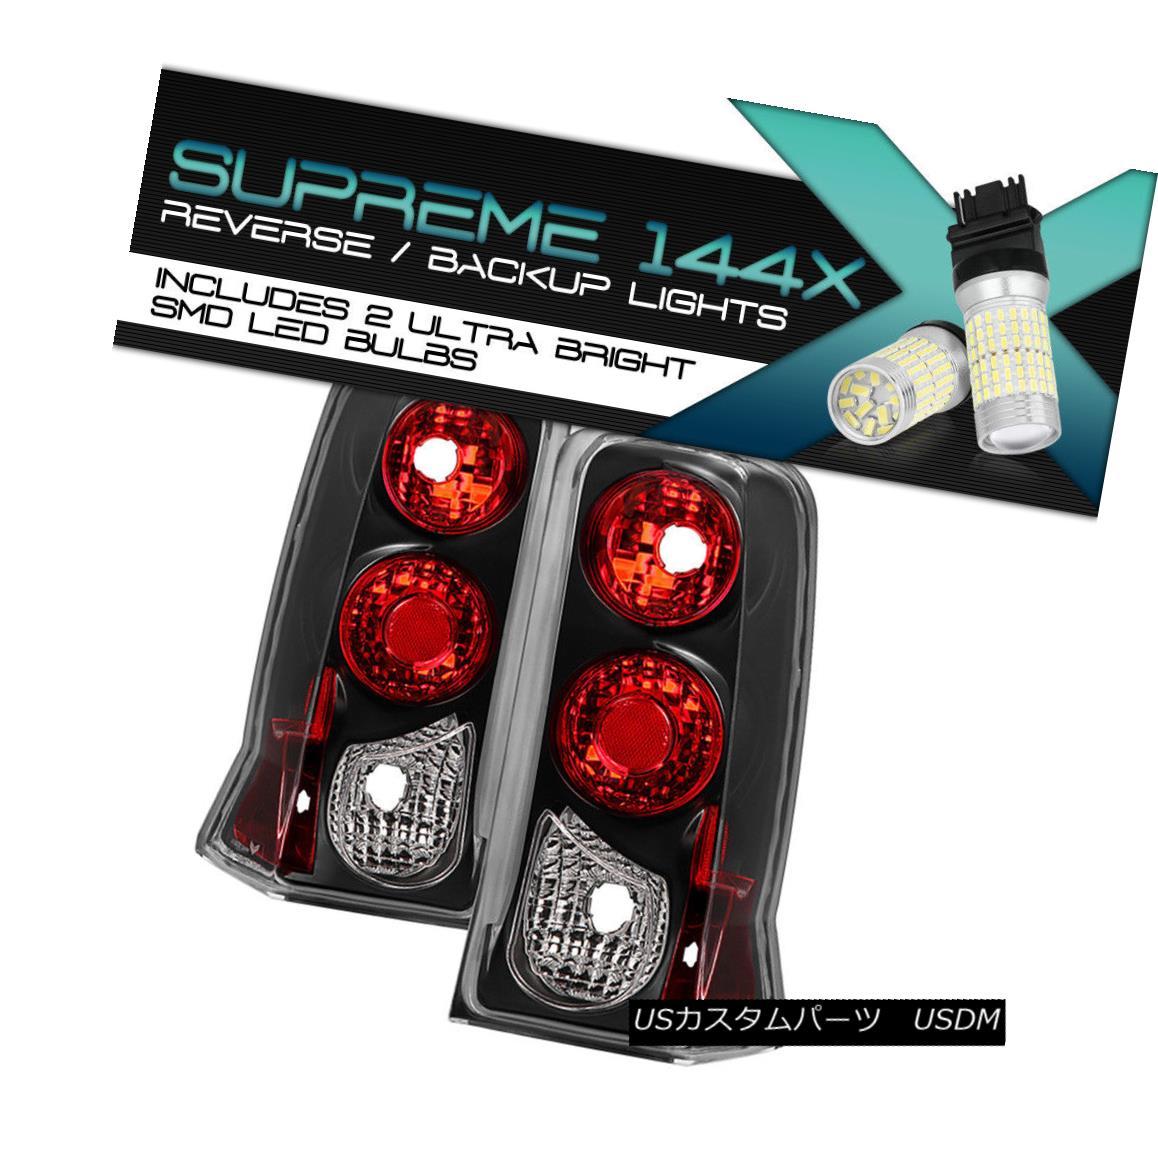 テールライト Full SMD Reverse 02-06 Cadillac Escalade ESV Black Housing Taillamps Replacement Full SMD Reverse 02-06キャデラック・エスカレードESVブラックハウジング・タイヤンプ交換